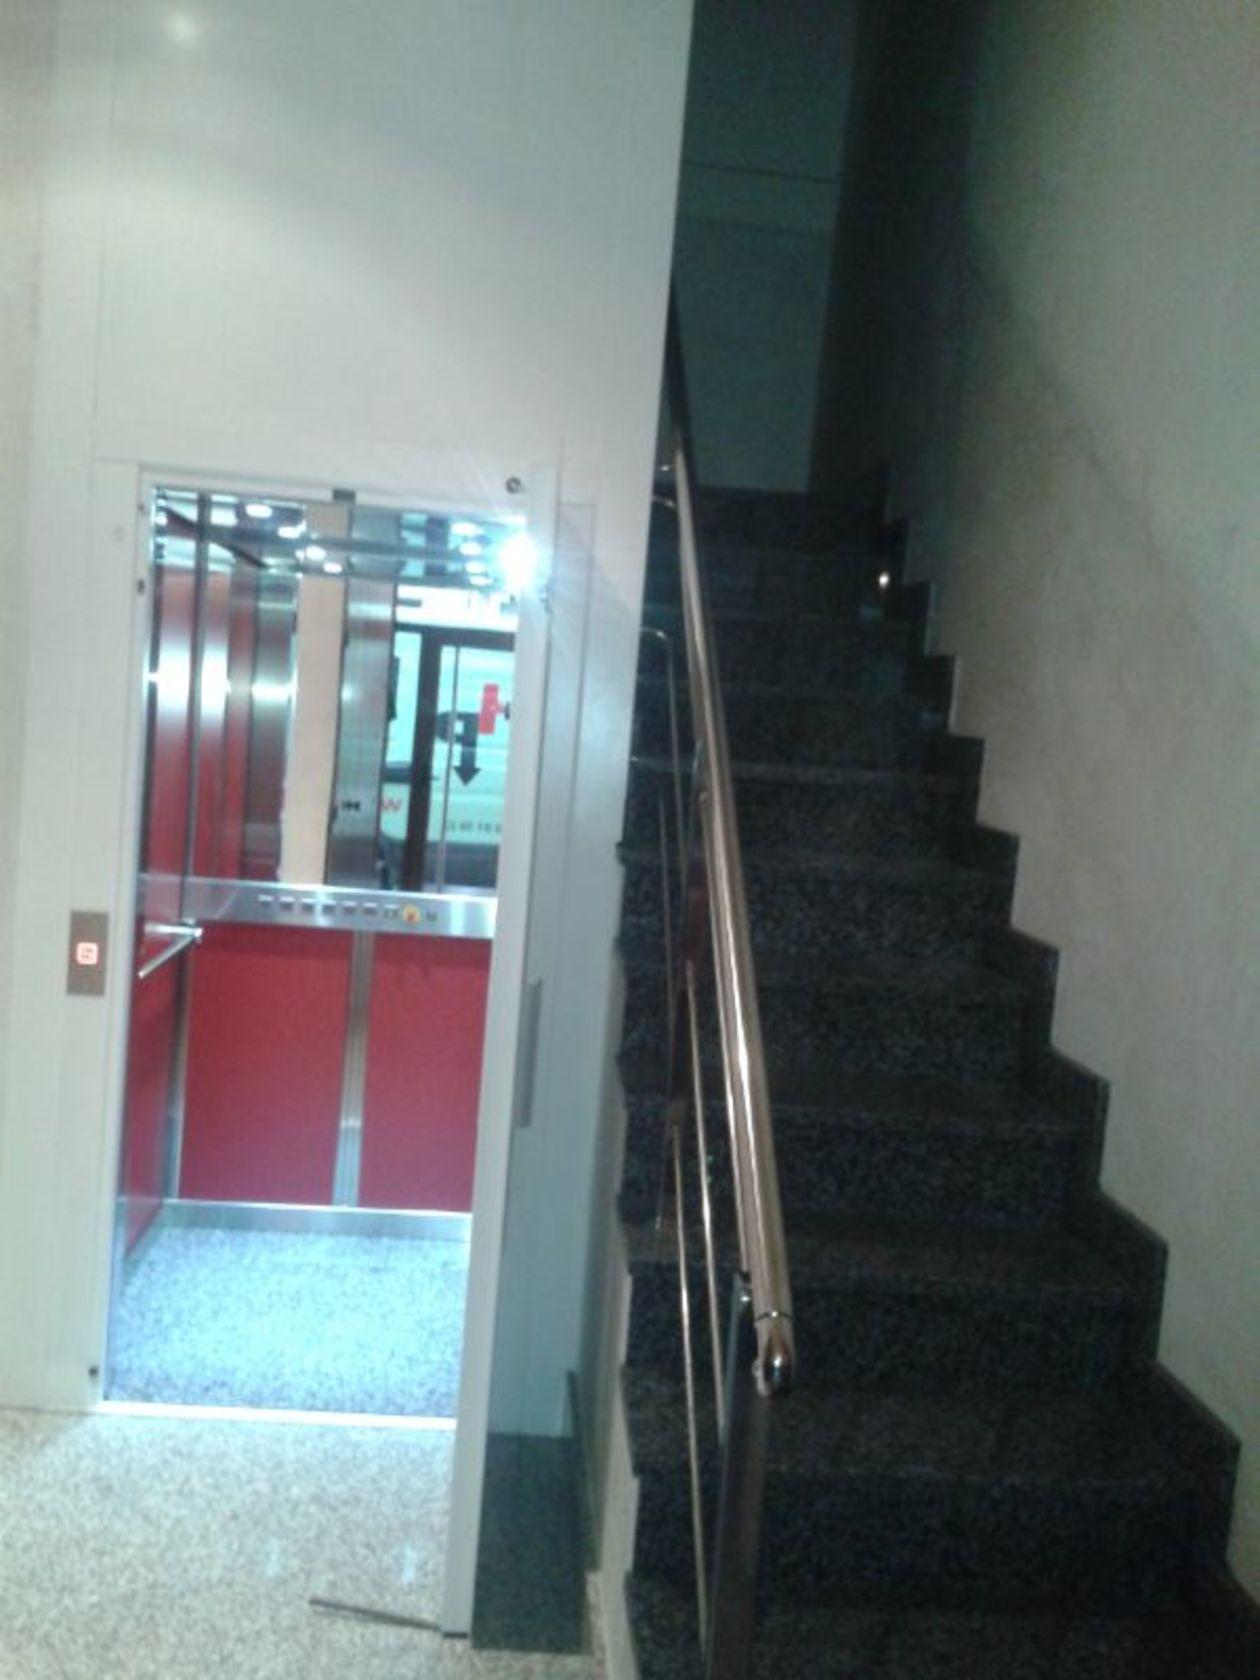 Combinación de interiores con espejo, botonera accesible y acabado en rojo